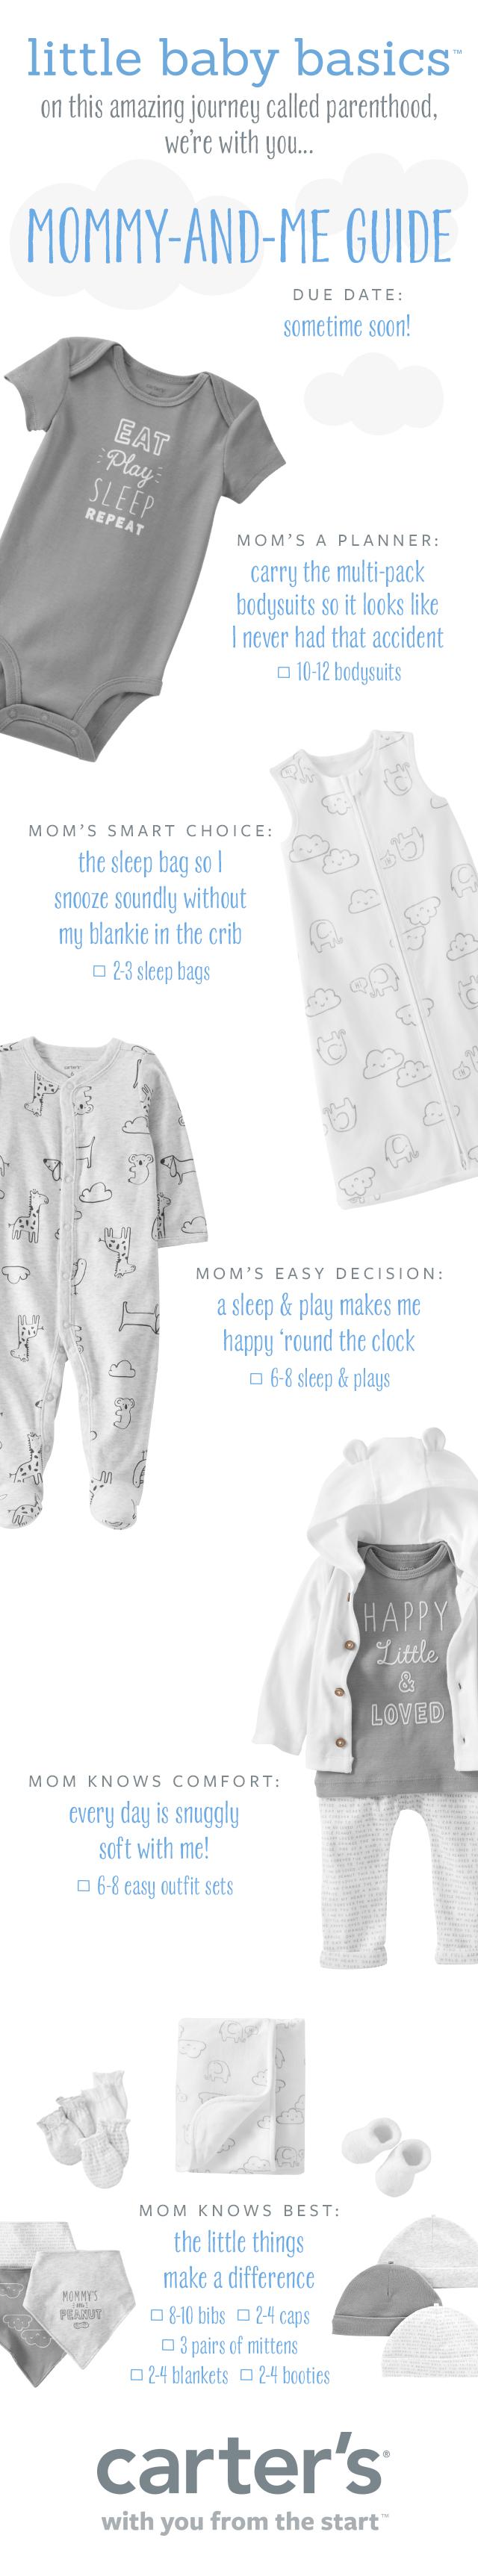 baby necessities checklist